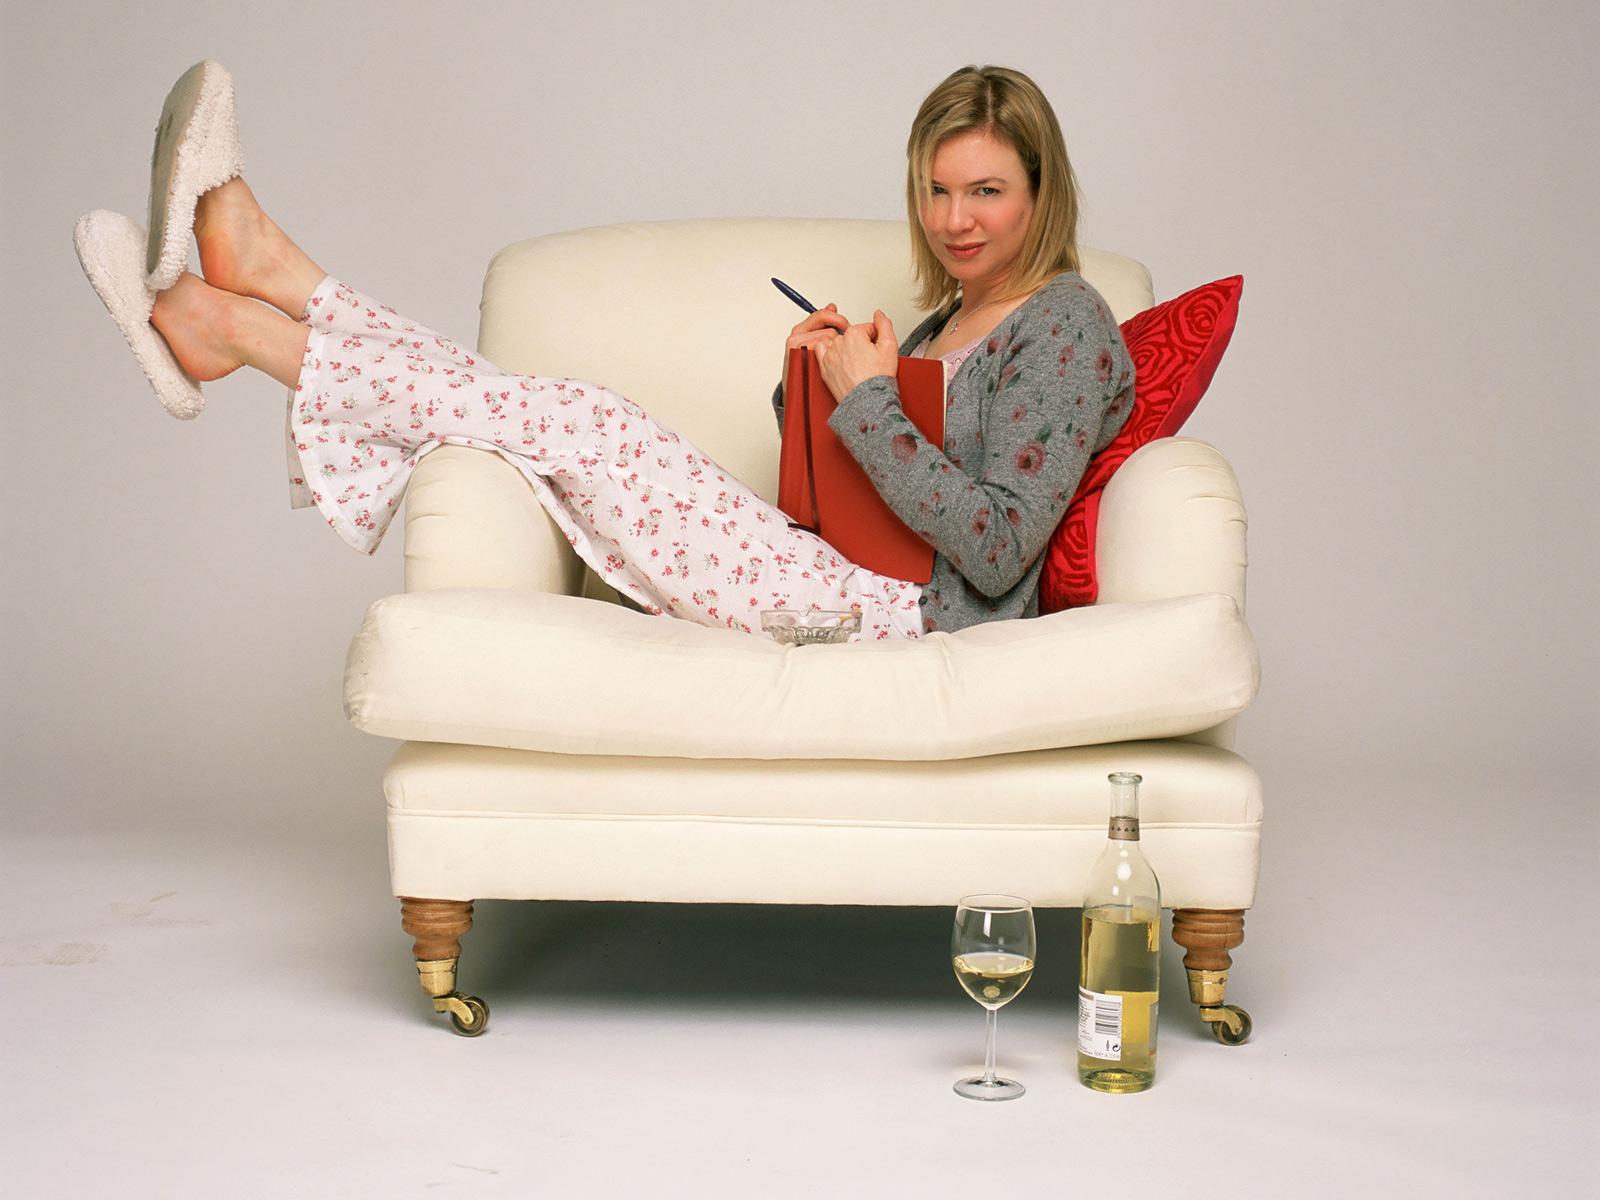 Capodanno sul divano devuccia vita e passioni di una blogger - Facciamo saltare i bulloni a questo divano ...